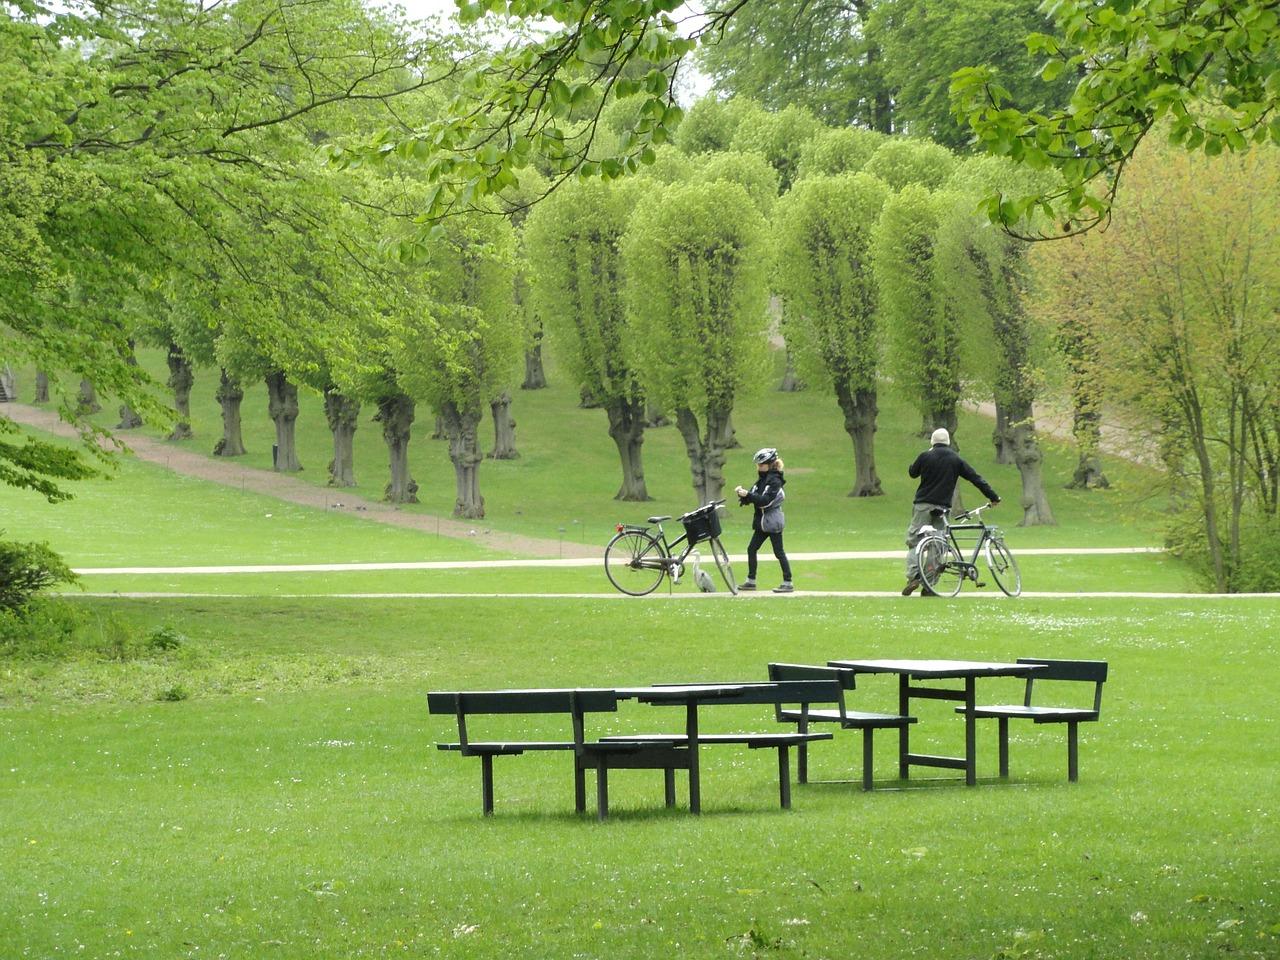 Les parcs sont nombreux dans la ville de Copenhague, qui donne la part belle aux cyclistes